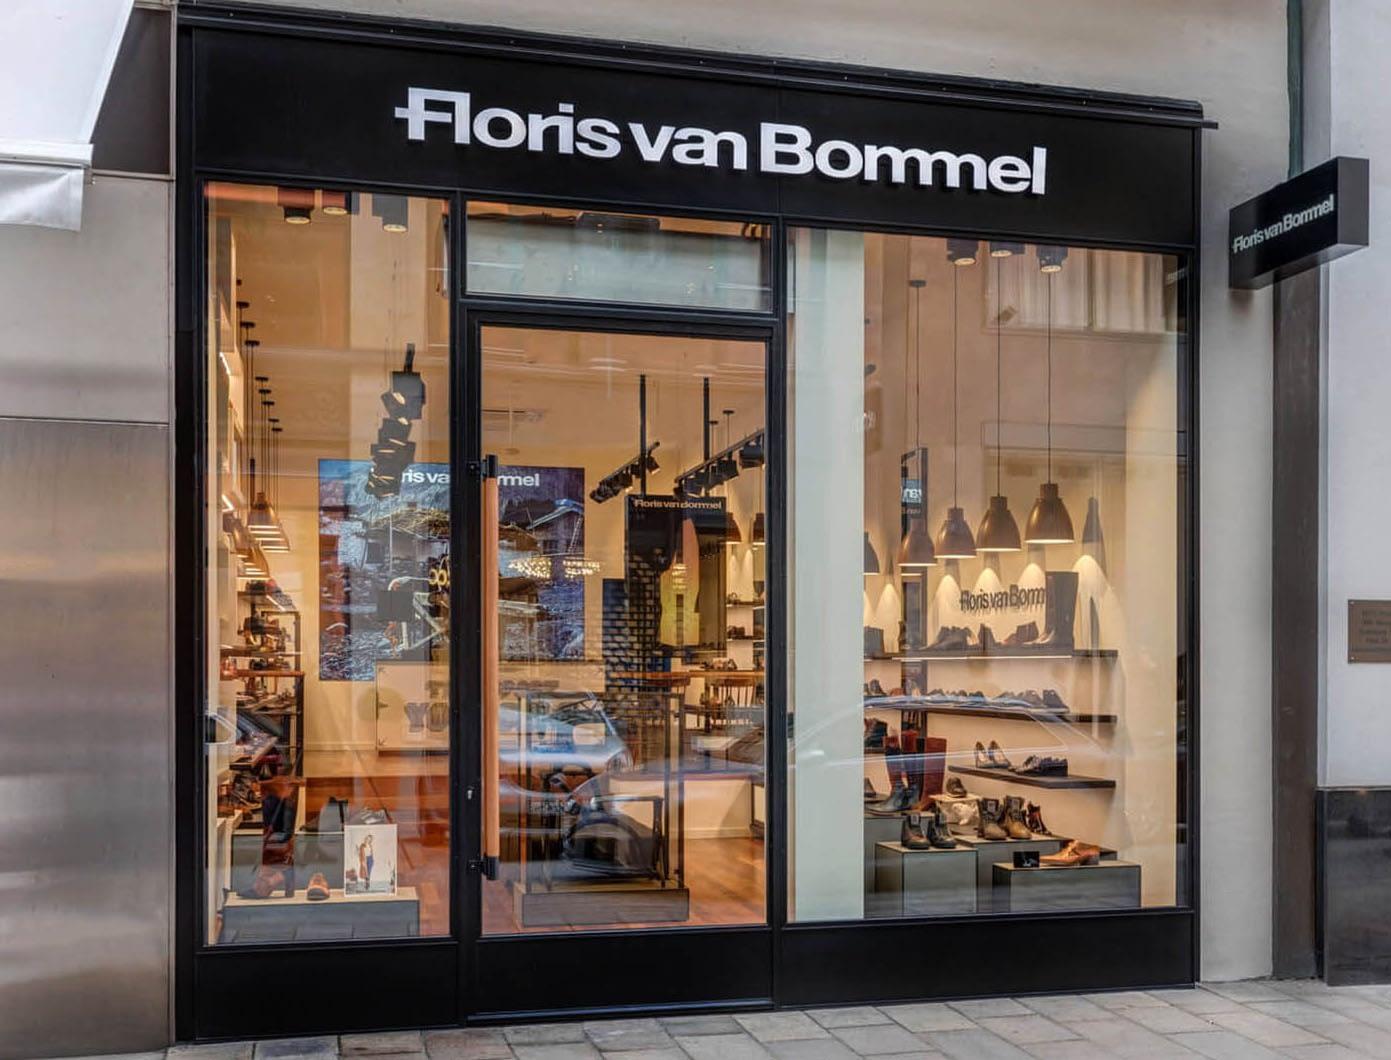 einzelhandel-fotograf-hamburg-retail-shop-interieur-laden-business-9